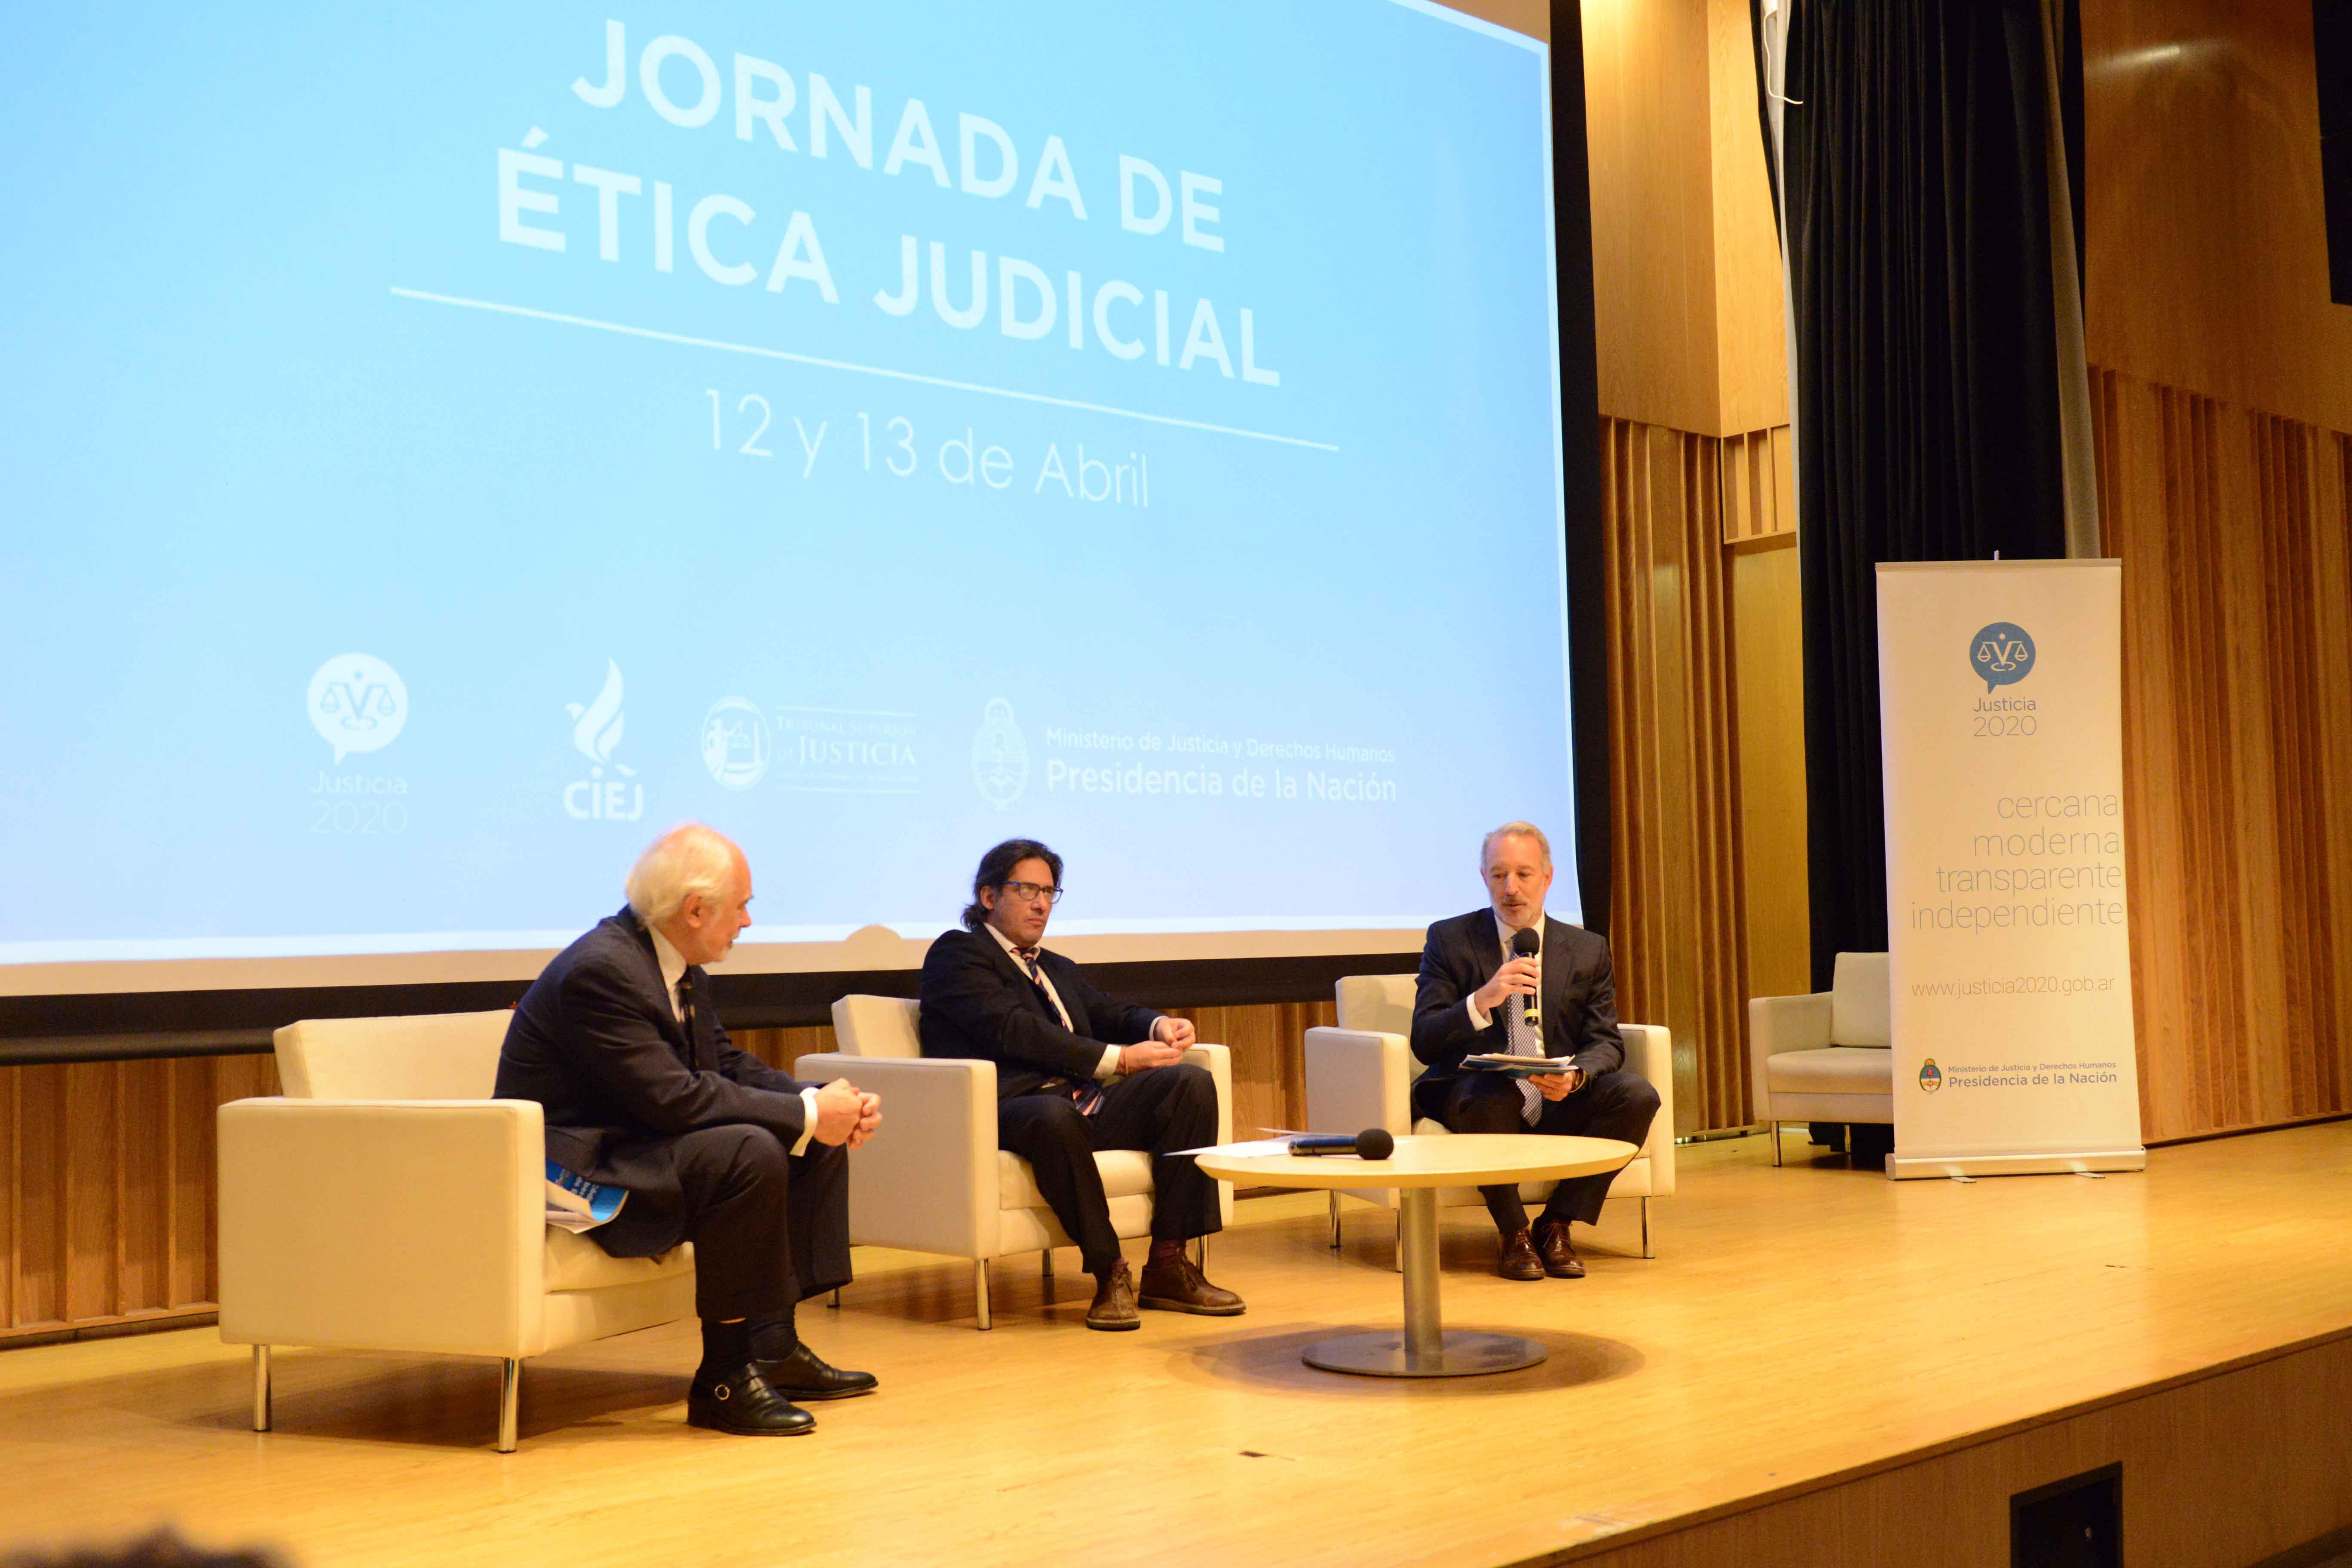 """Garavano: """"la verdadera independencia judicial está dada por la confianza que la población tiene en el sistema de justicia"""""""